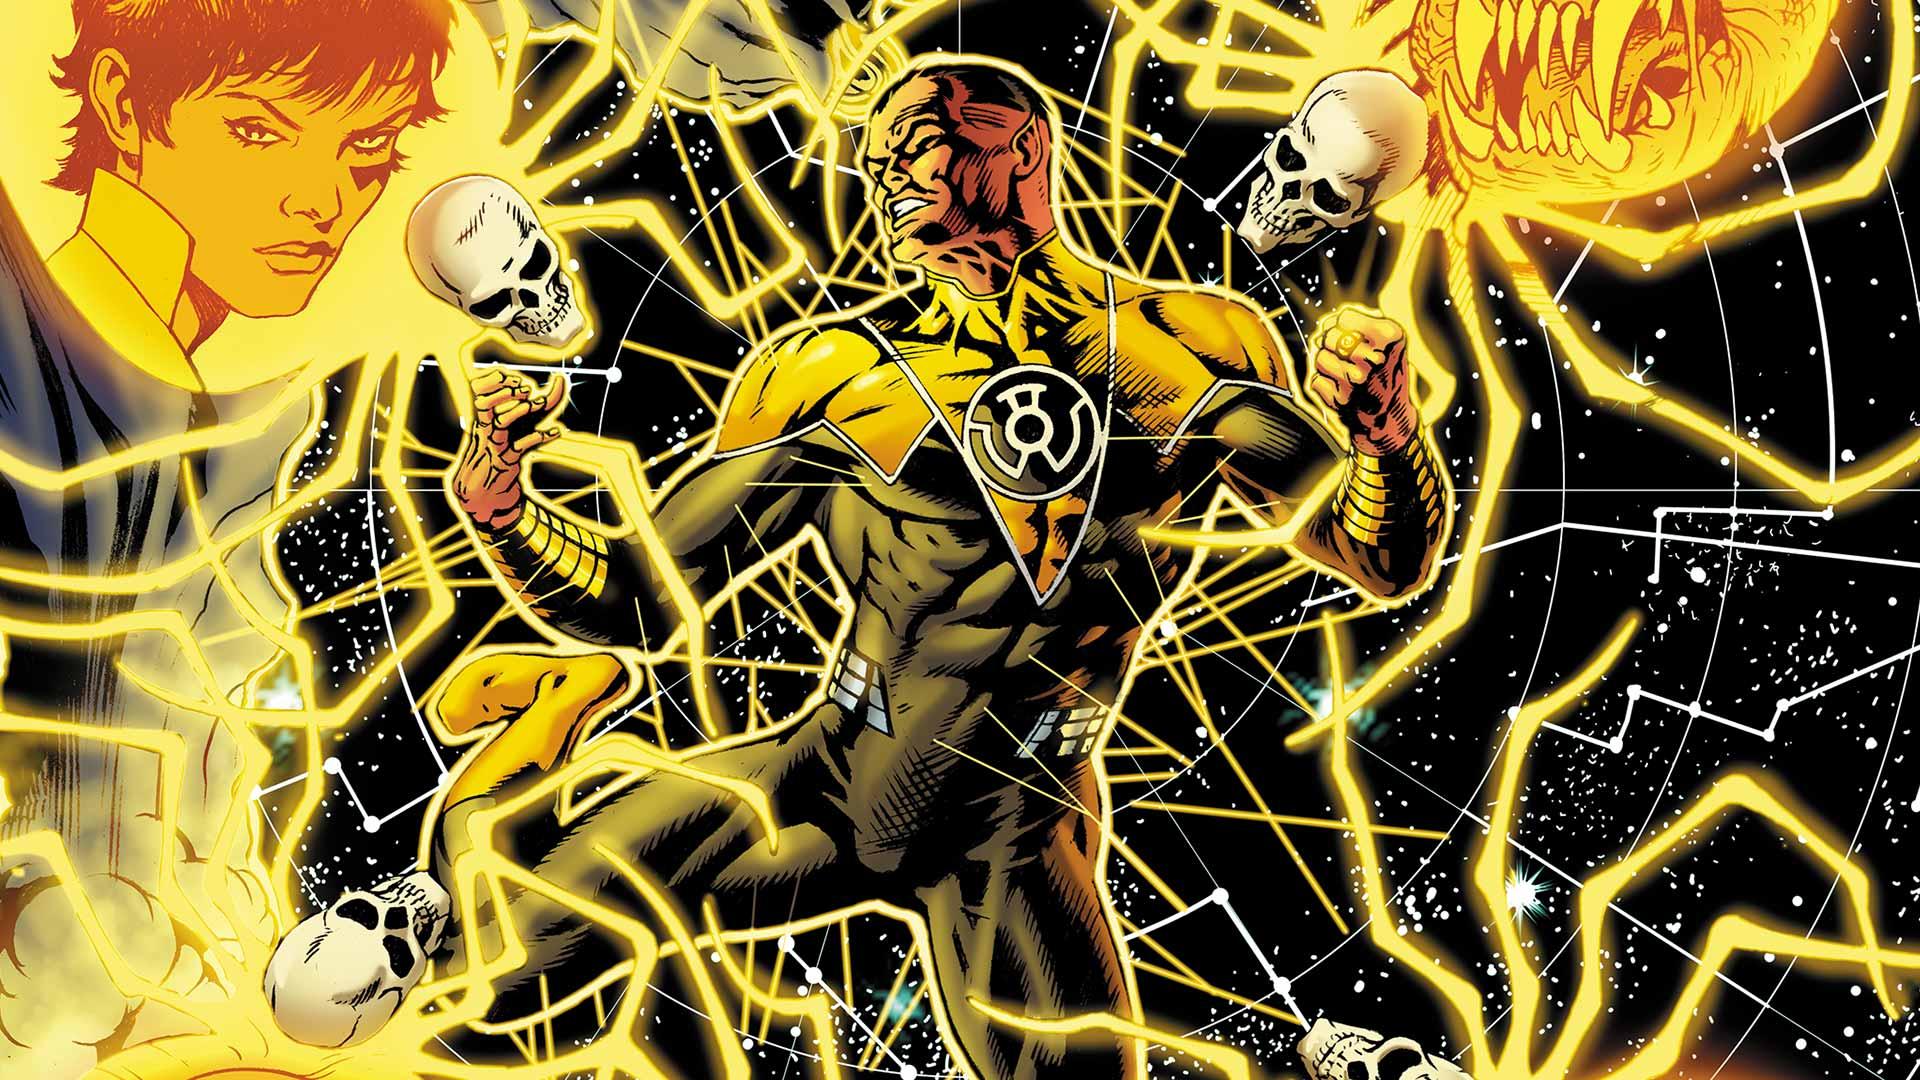 Sinestro Comic Wallpapers | WallpapersIn4k.net